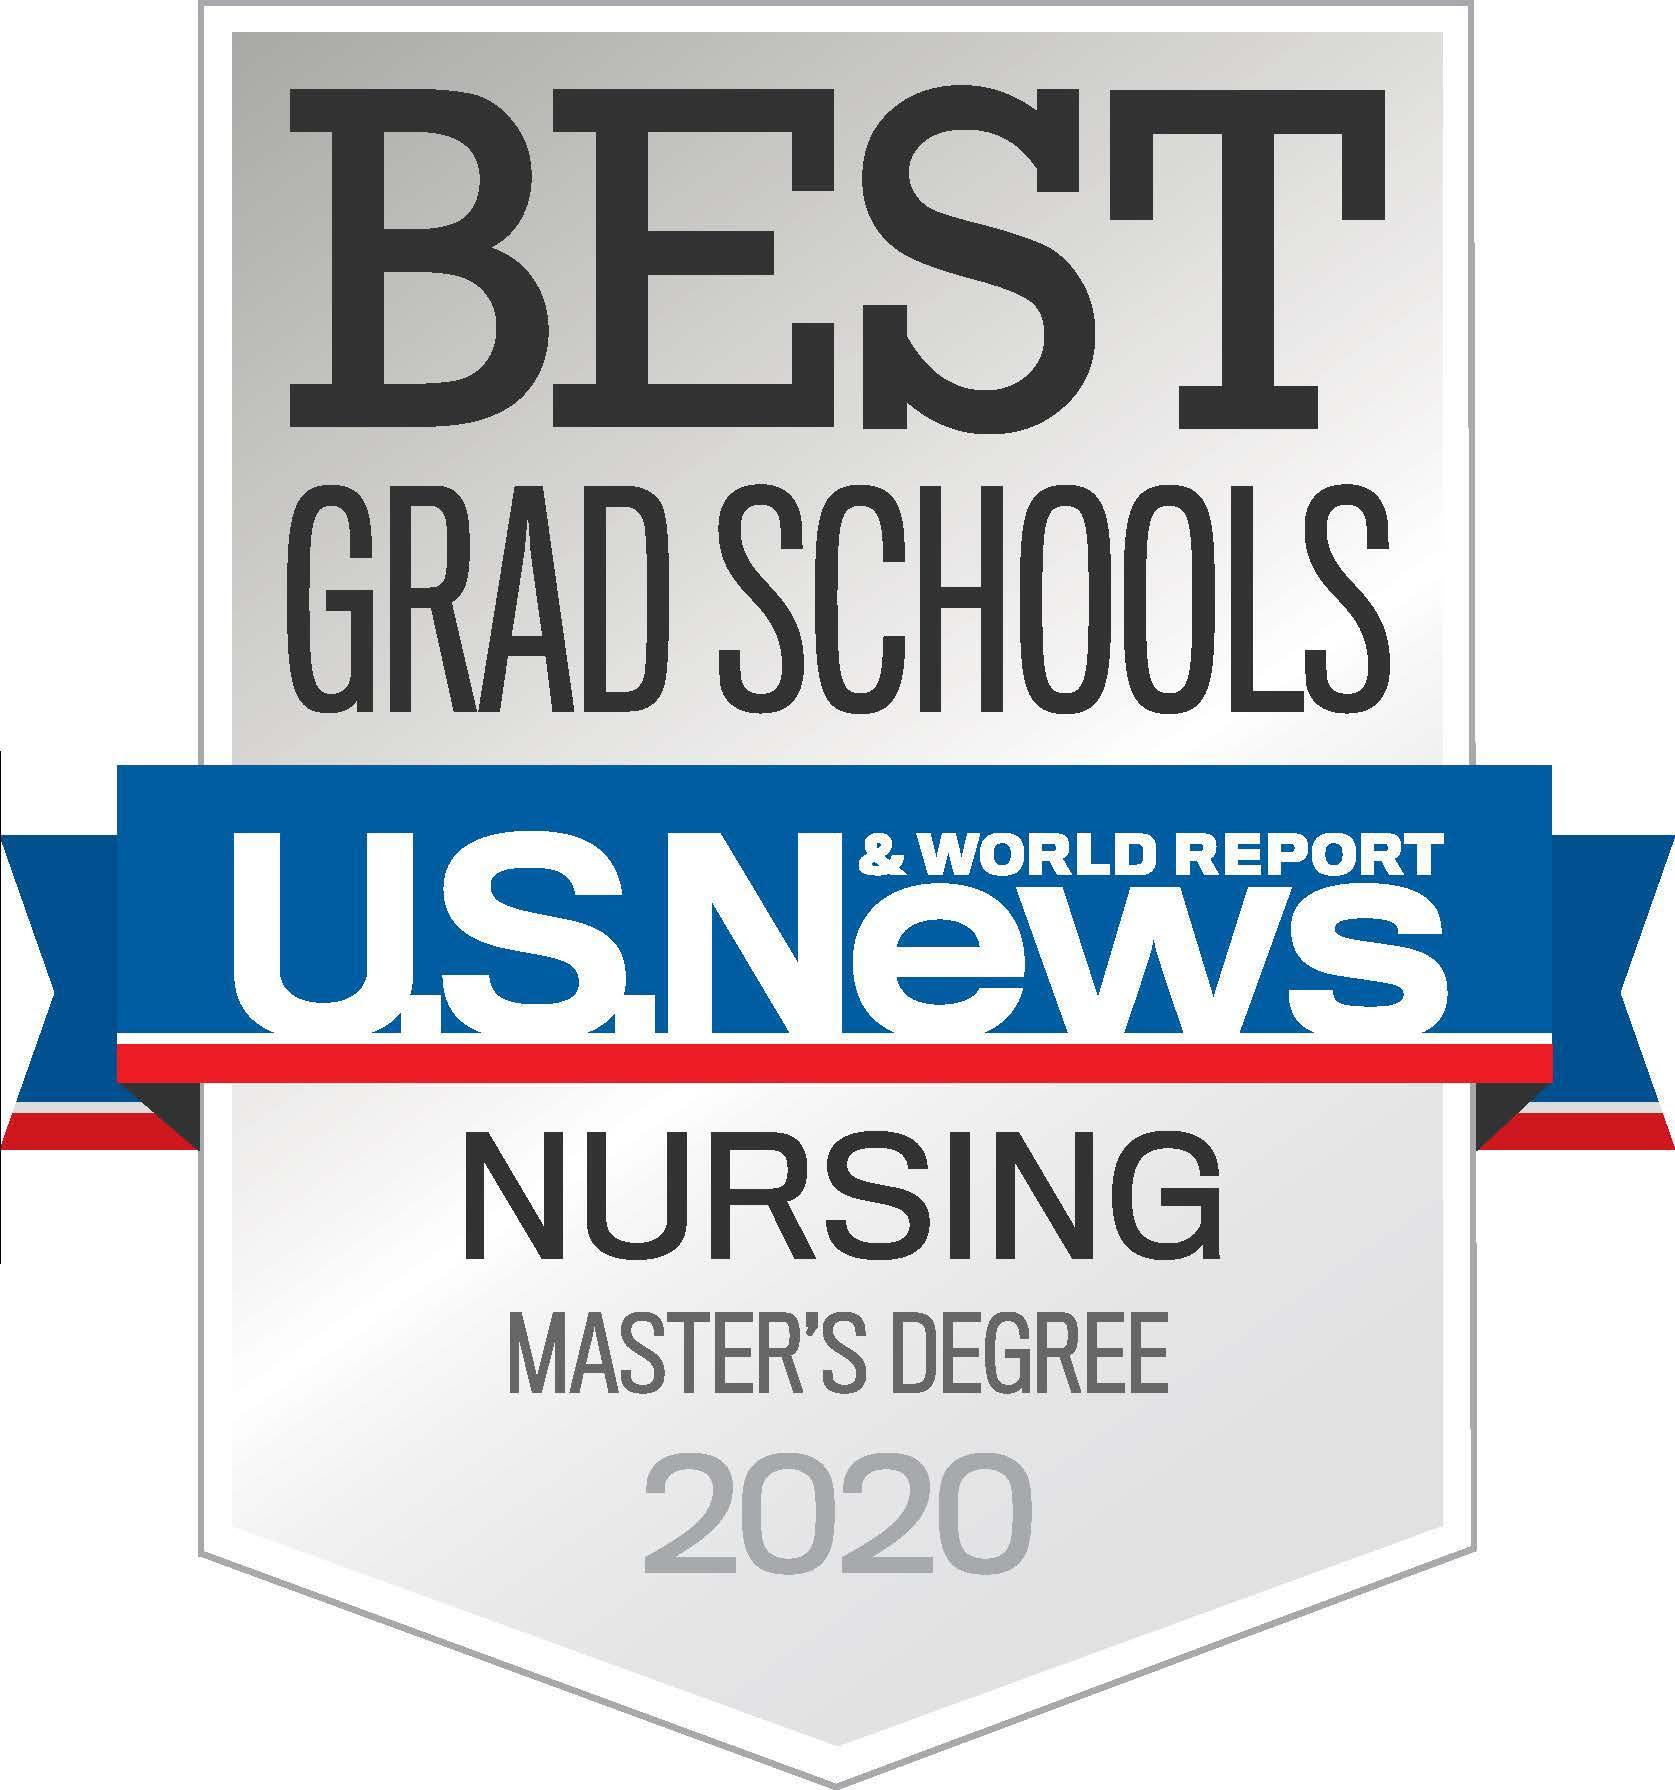 Best Grad Schools - US News & World Report - Nursing Master's Degree 2020